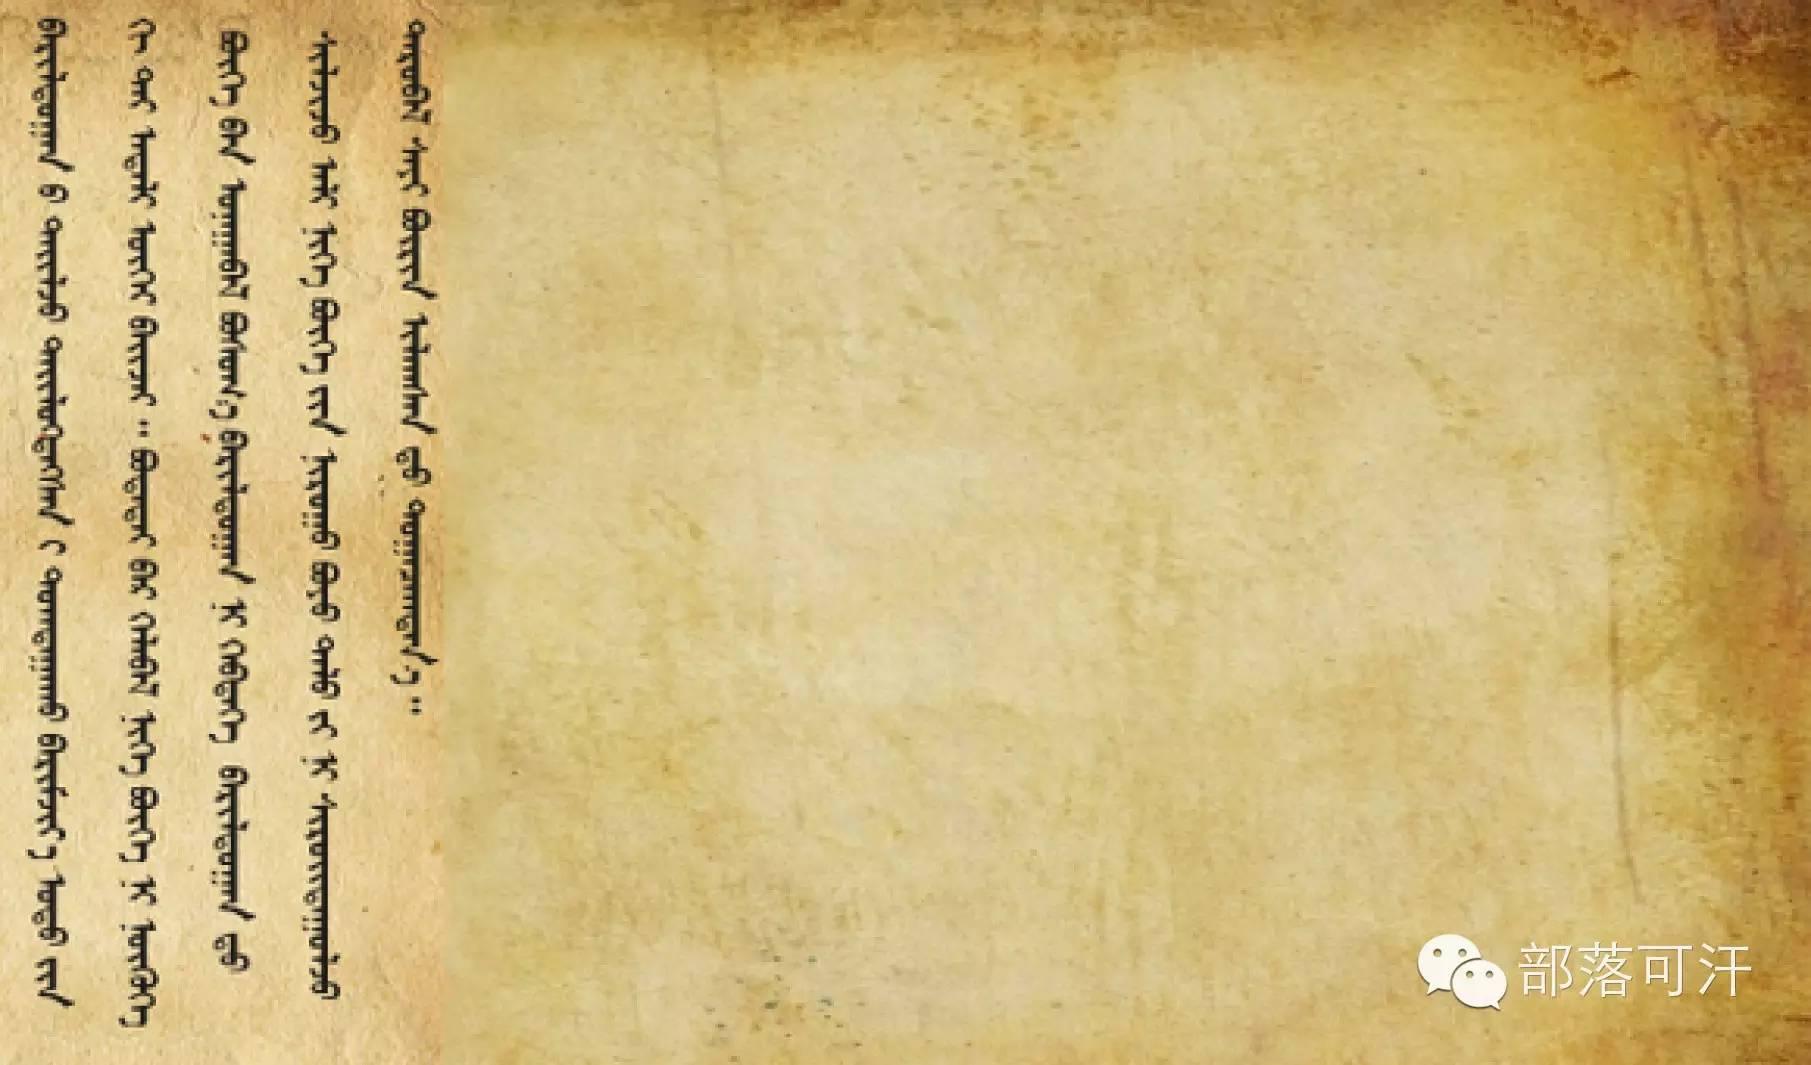 【记史资料】成吉思汗时代的蒙古式摔跤 第6张 【记史资料】成吉思汗时代的蒙古式摔跤 蒙古文库